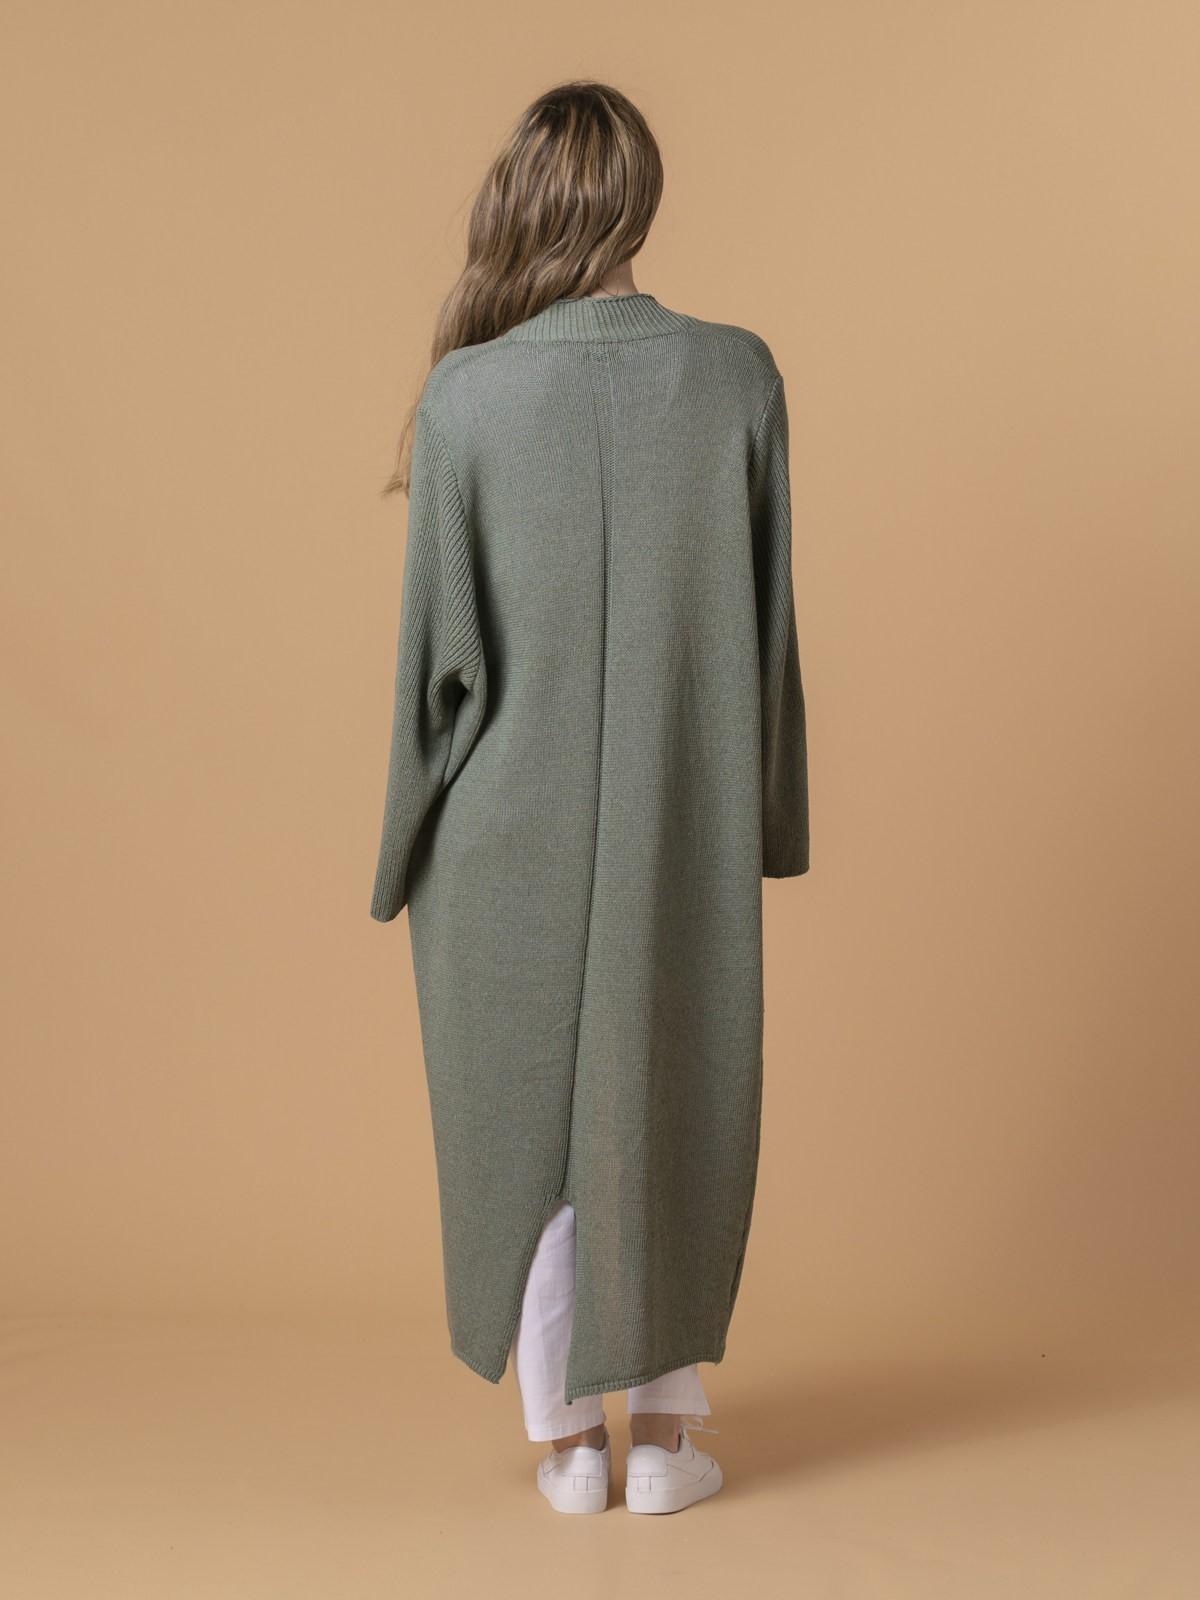 Chaqueta mujer abrigo de punto Caqui